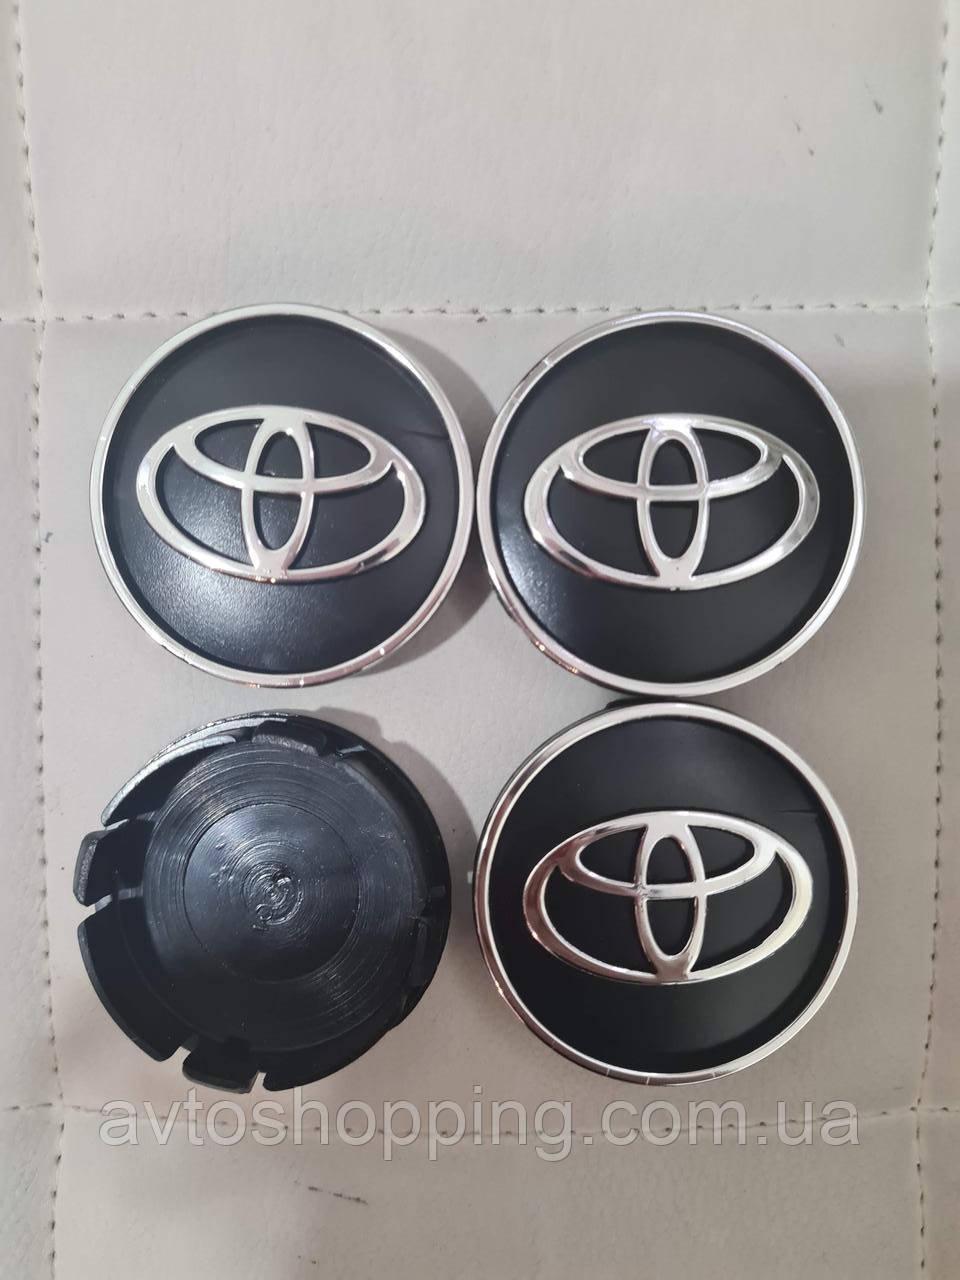 Ковпачки, заглушки на диски Toyota Тойота 60 мм / 56 мм